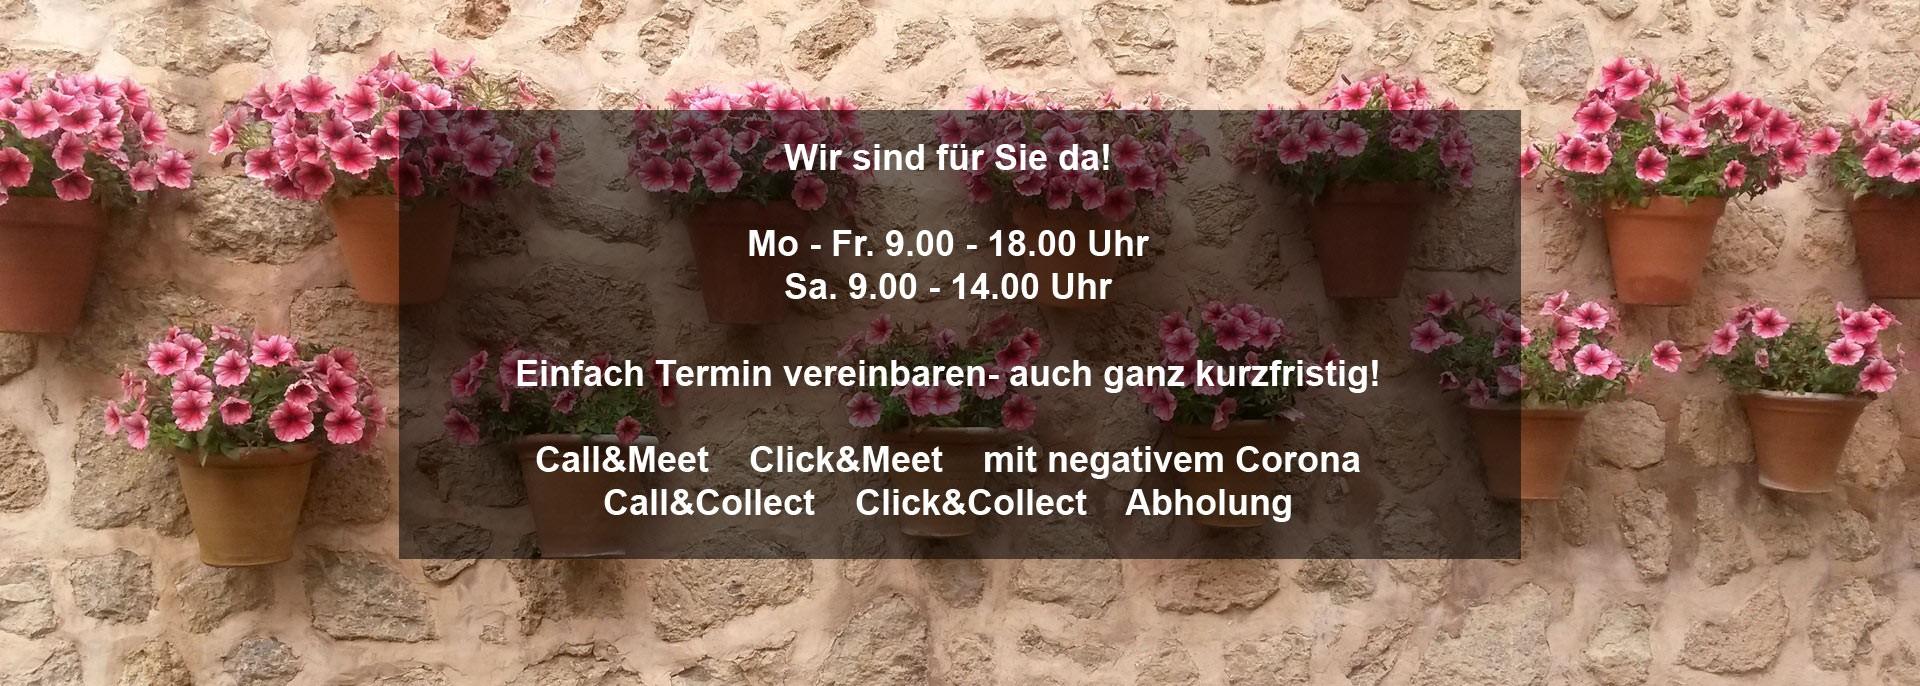 Call&Meet